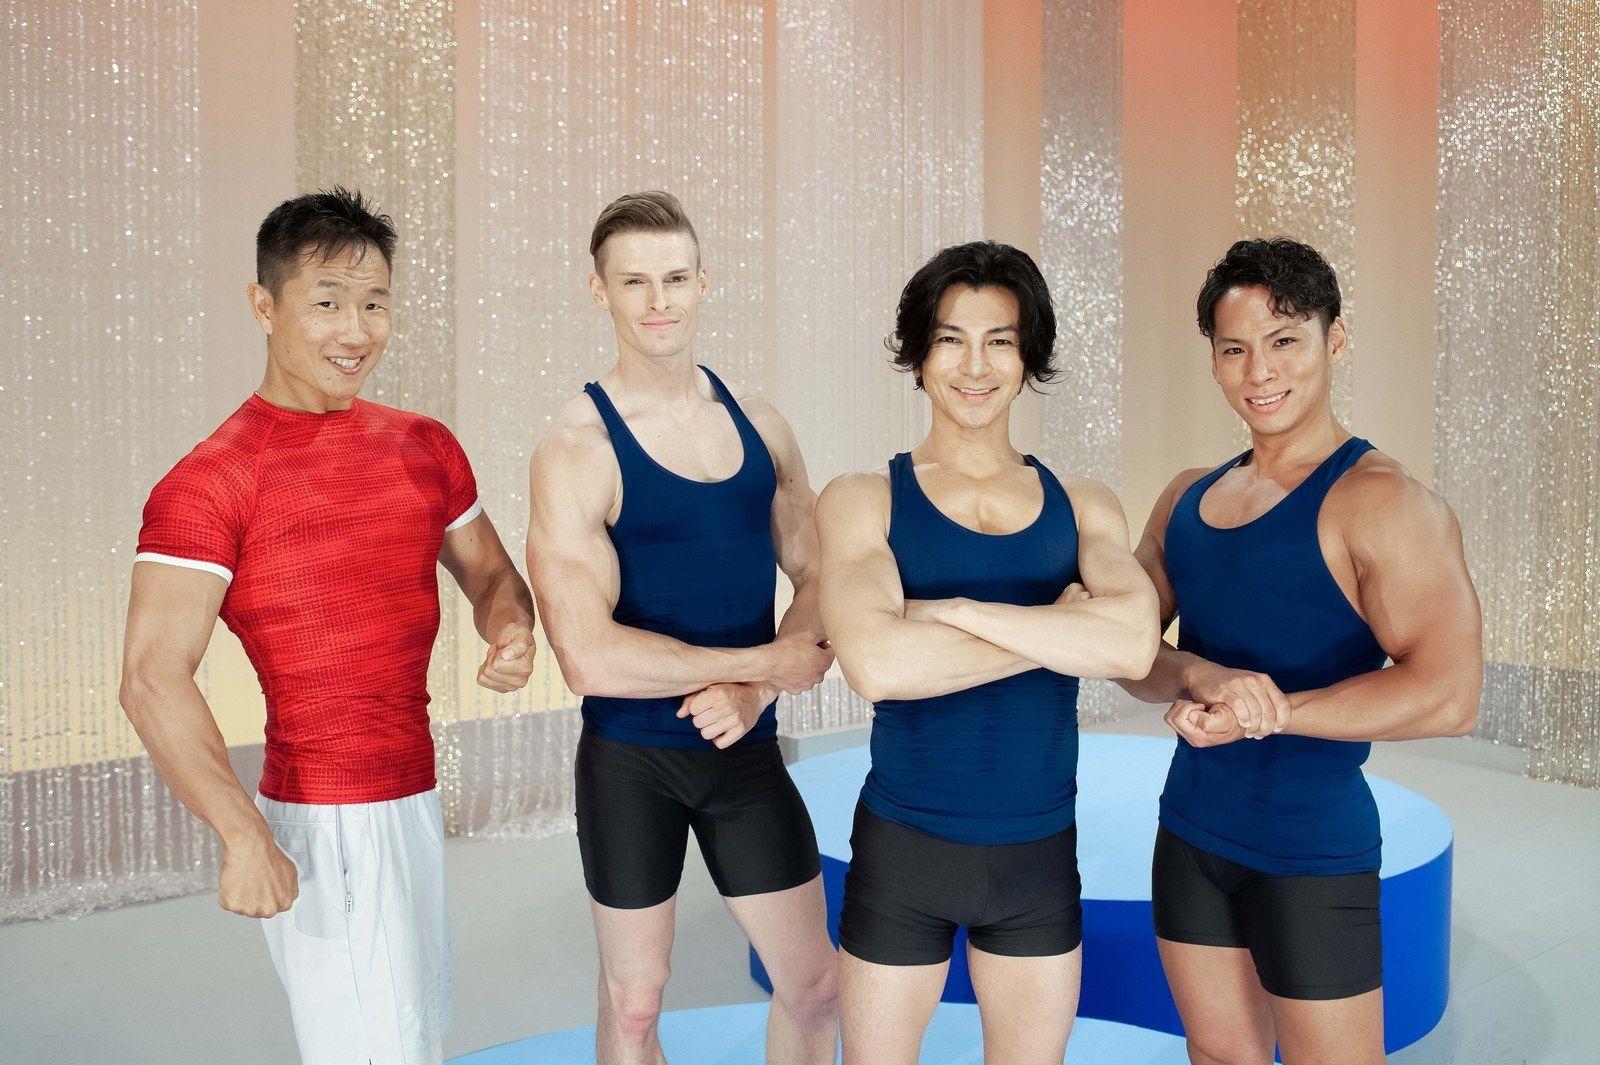 体操 腕立て伏せ 筋肉 NHK「みんなで筋肉体操」で紹介された、腕立て伏せの効果は?